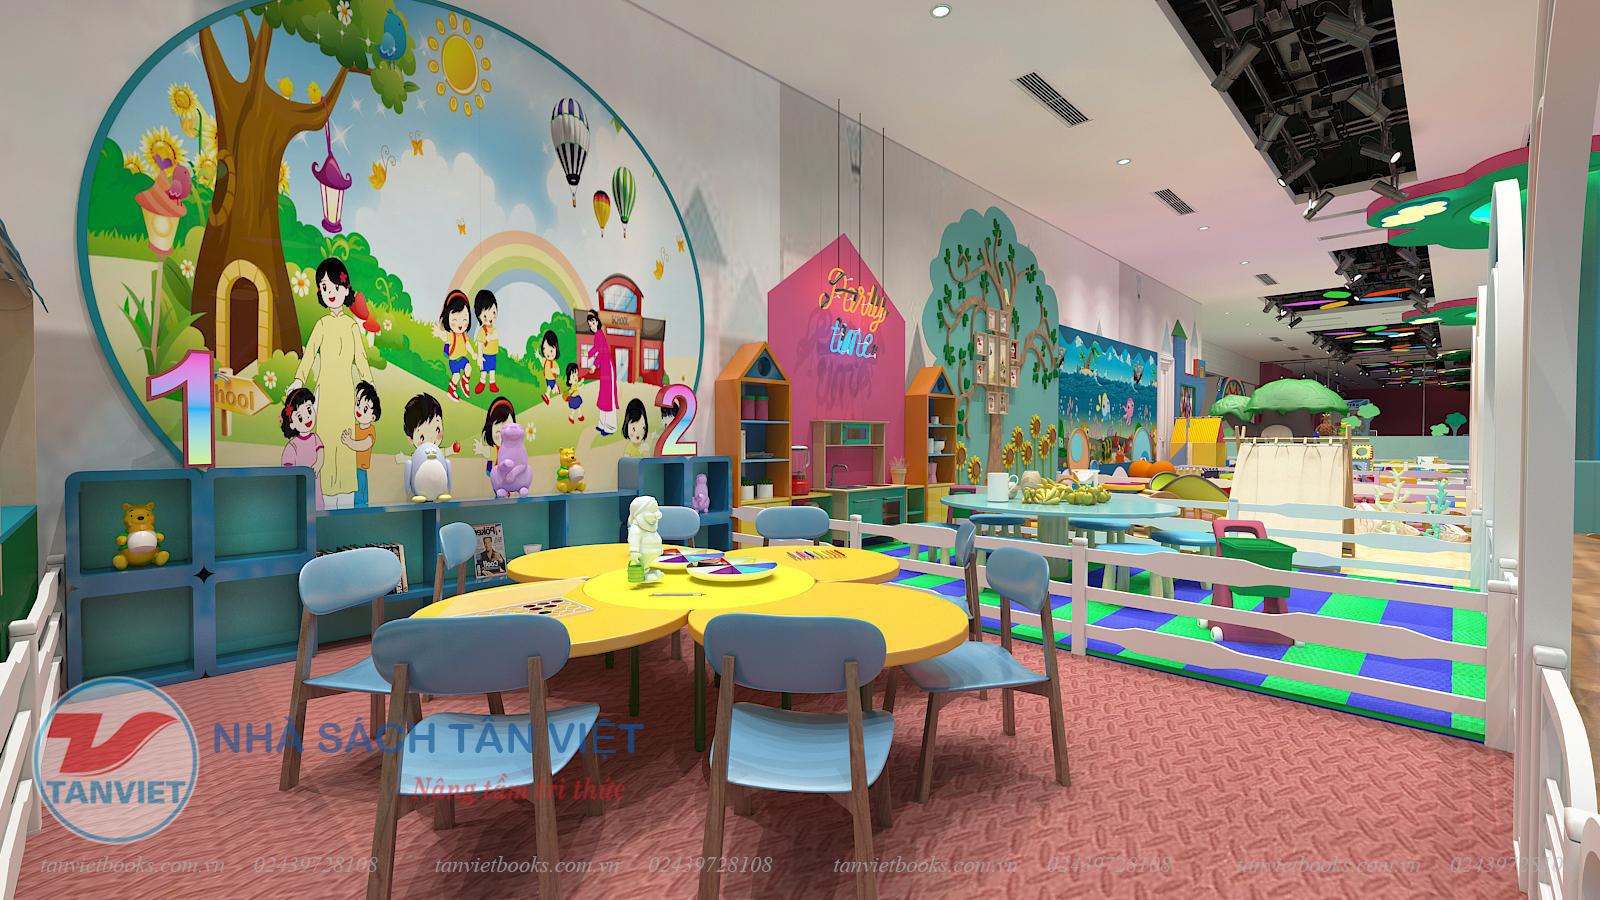 Khai trương Khu vui chơi trẻ em Tân Việt Wonderland tại Vincom Hà Nam - Ảnh 4.